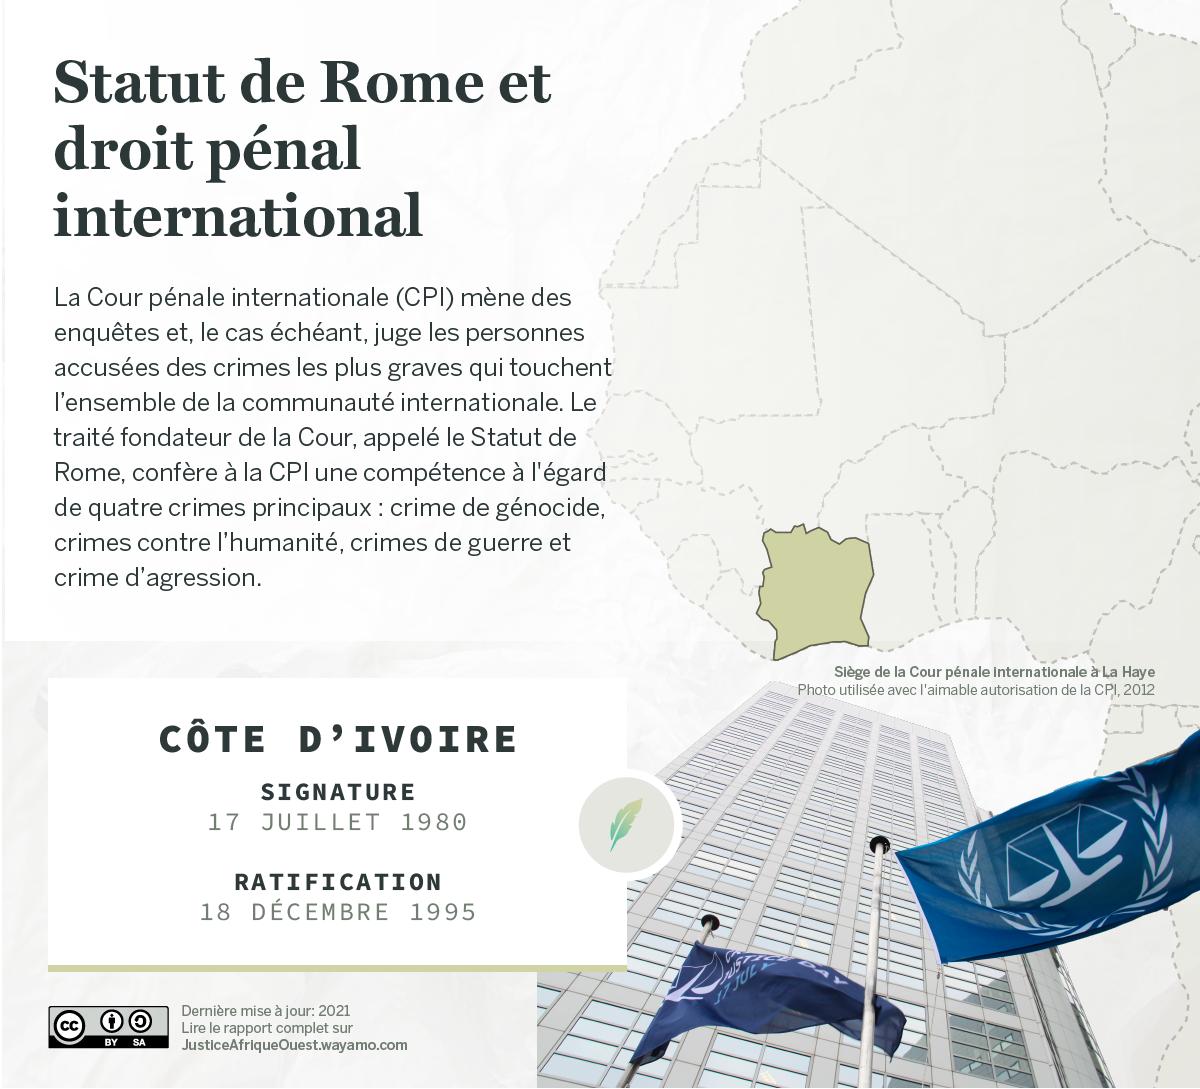 COTE D'IVOIRE_Statut de Rome - Wayamo Foundation (CC BY-SA 4.0)